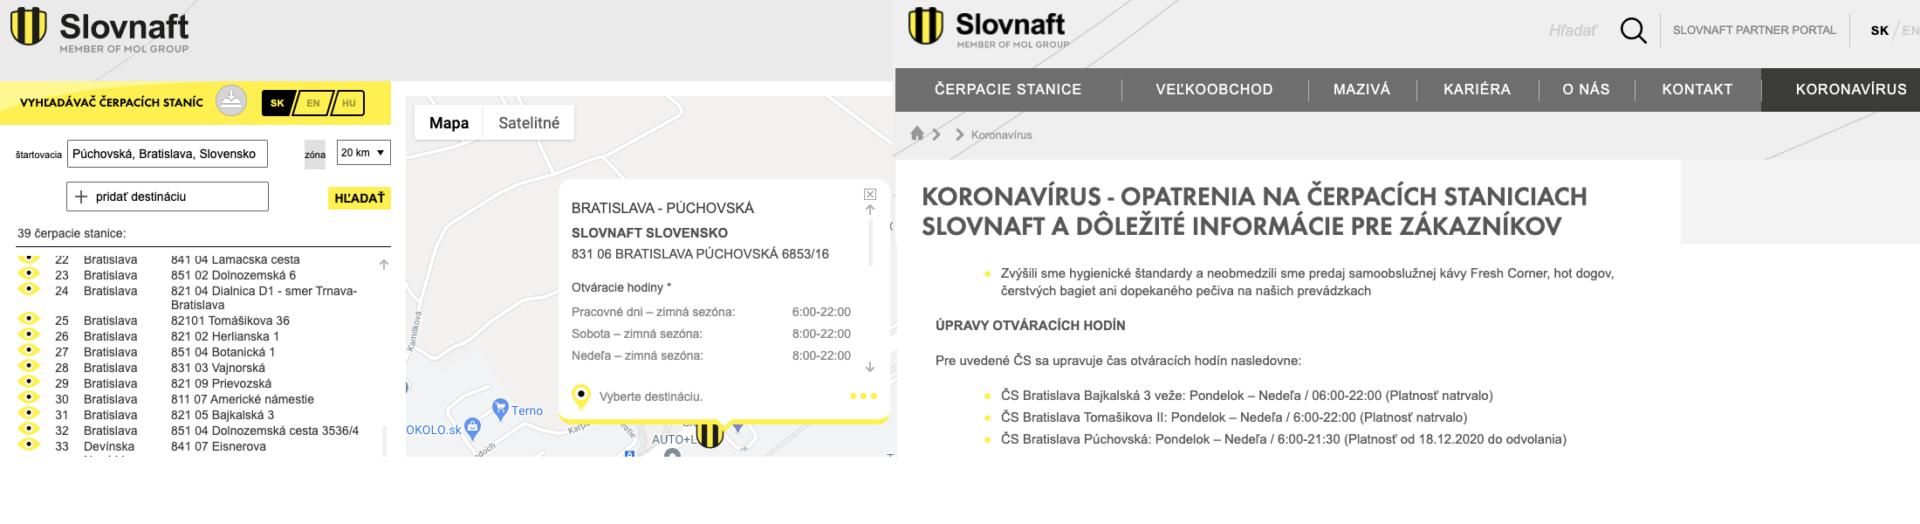 Slovnaft uvádza na webe pandemické opatrenia (vpravo je screenshot podstránky https://slovnaft.sk/sk/koronavirus/), nie však na mieste, kde ľudia hľadajú informácie o čerpacích staniciach (vľavo). Nehovoriac o tom, že tam nie sú aktualizované ani otváracie hodiny.